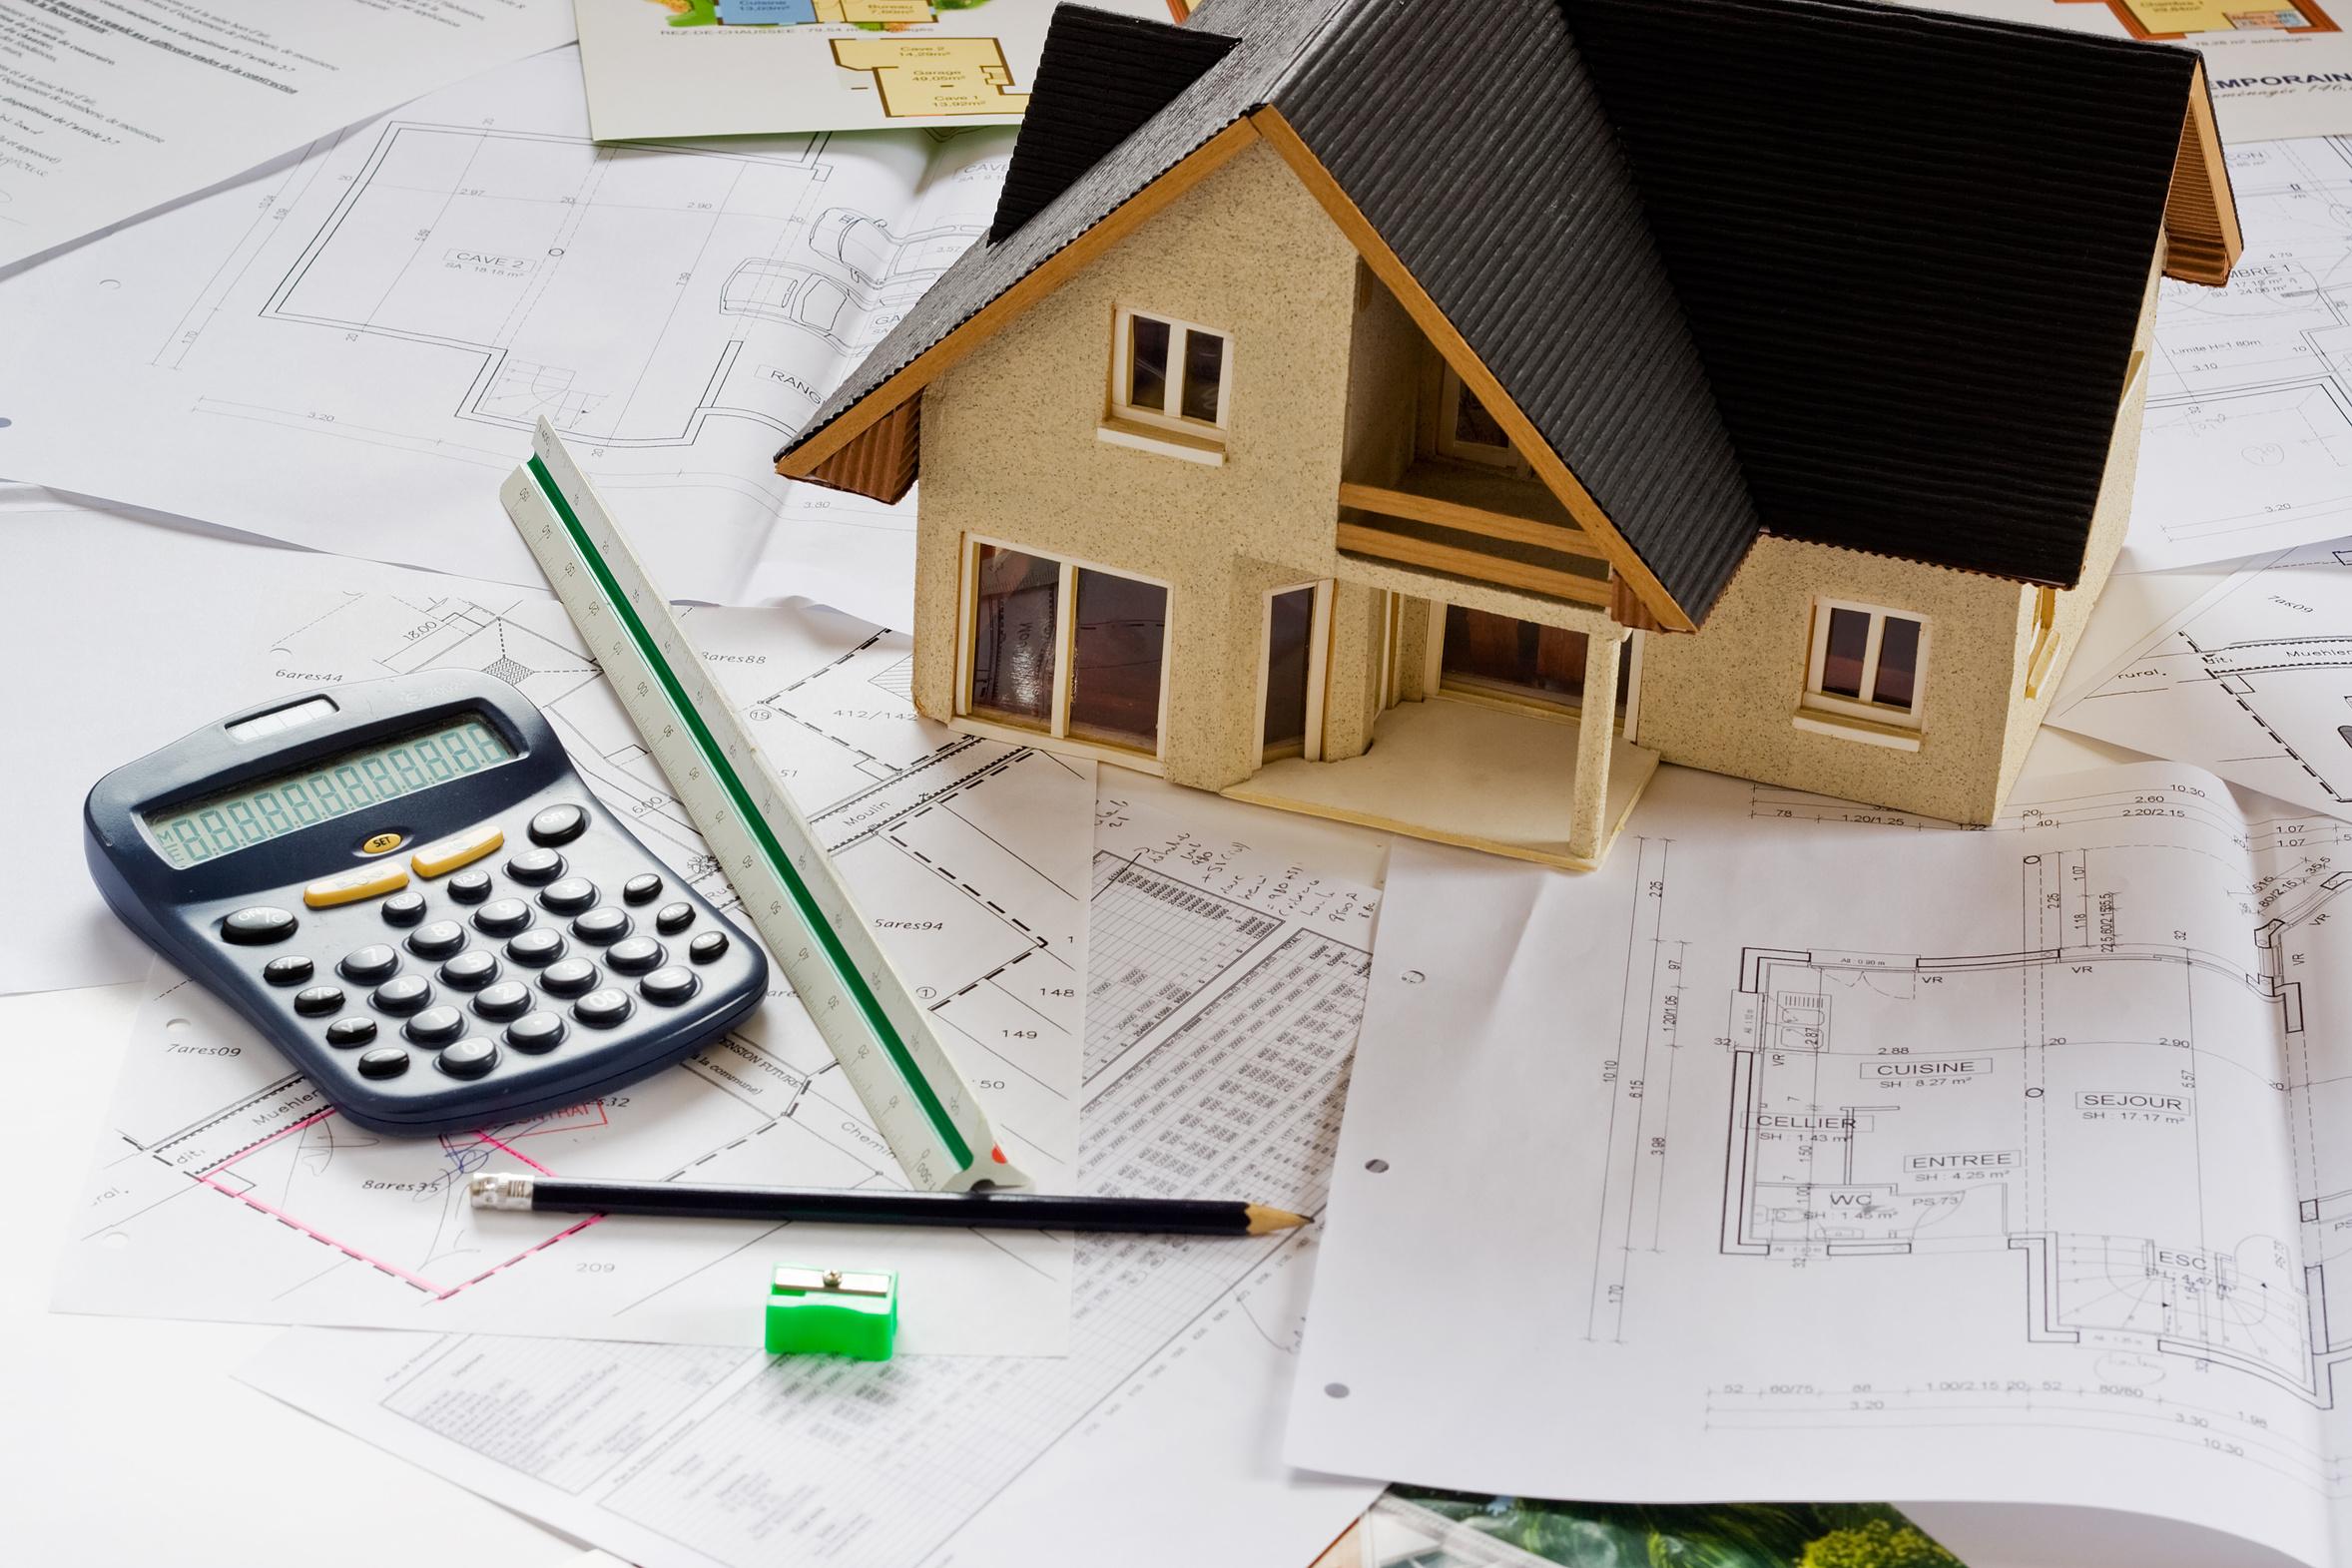 ce qu il faut savoir sur l achat d un bien immobilier. Black Bedroom Furniture Sets. Home Design Ideas